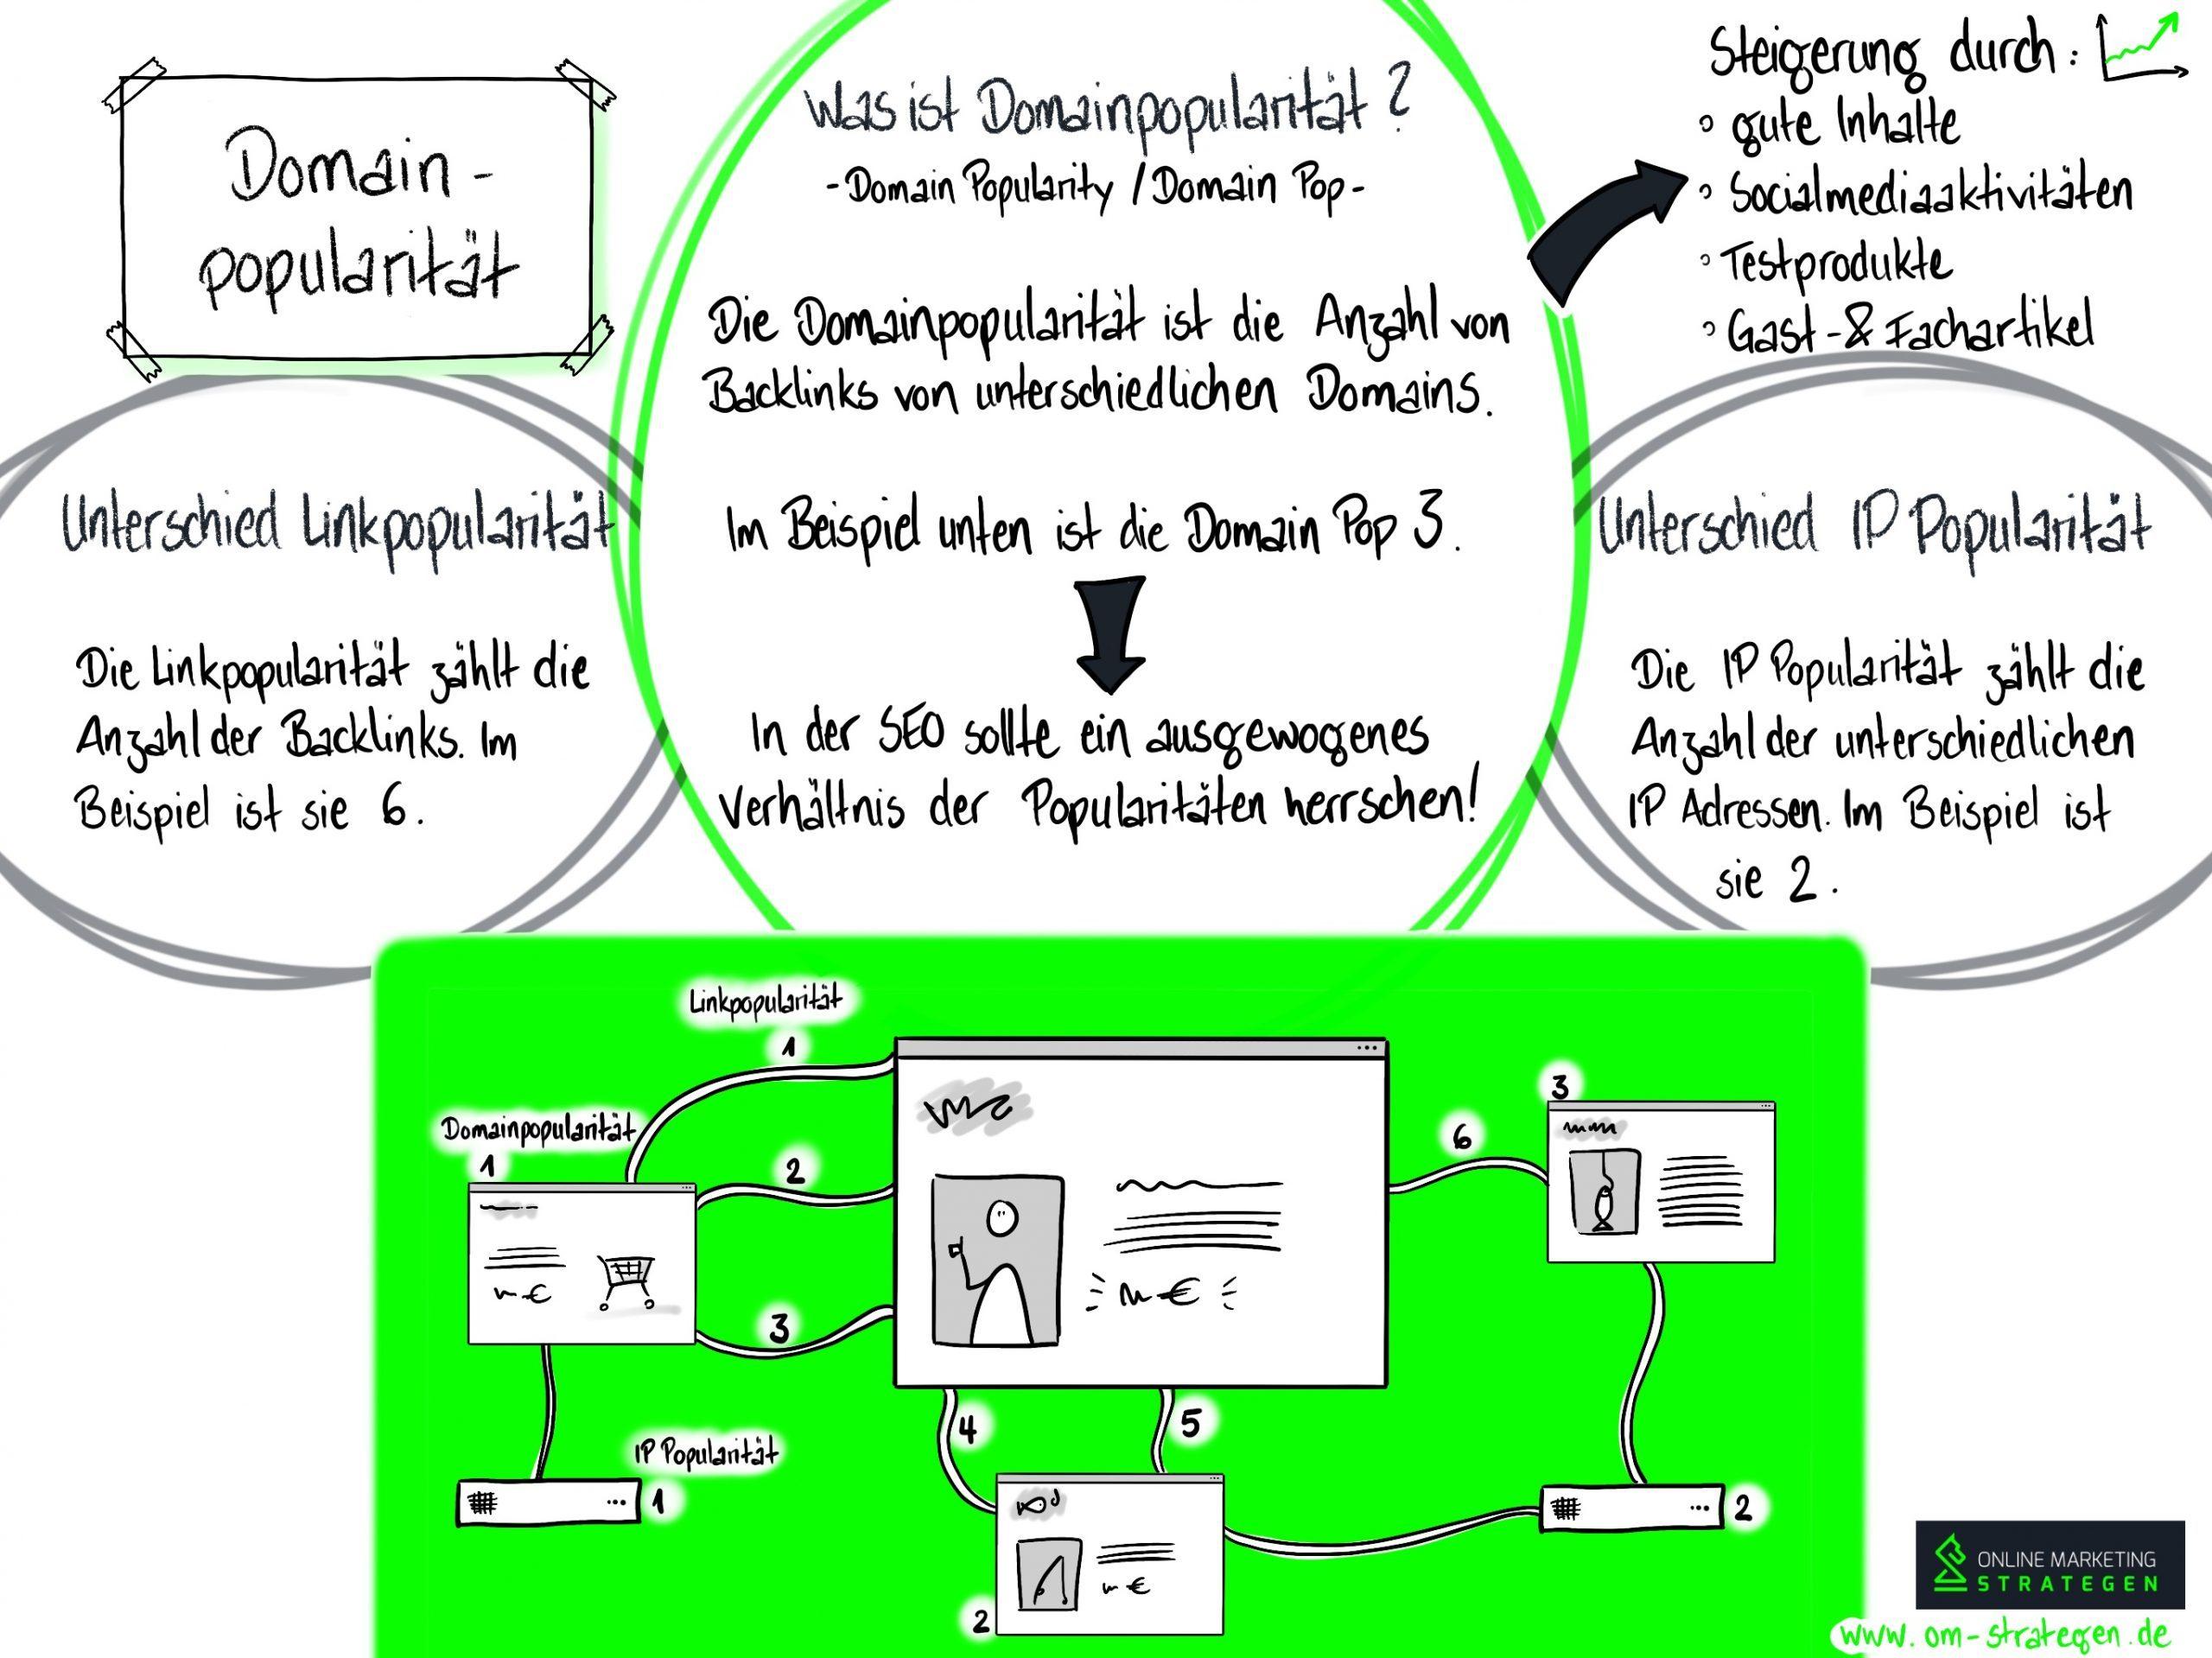 Domain-Popularität Infografik